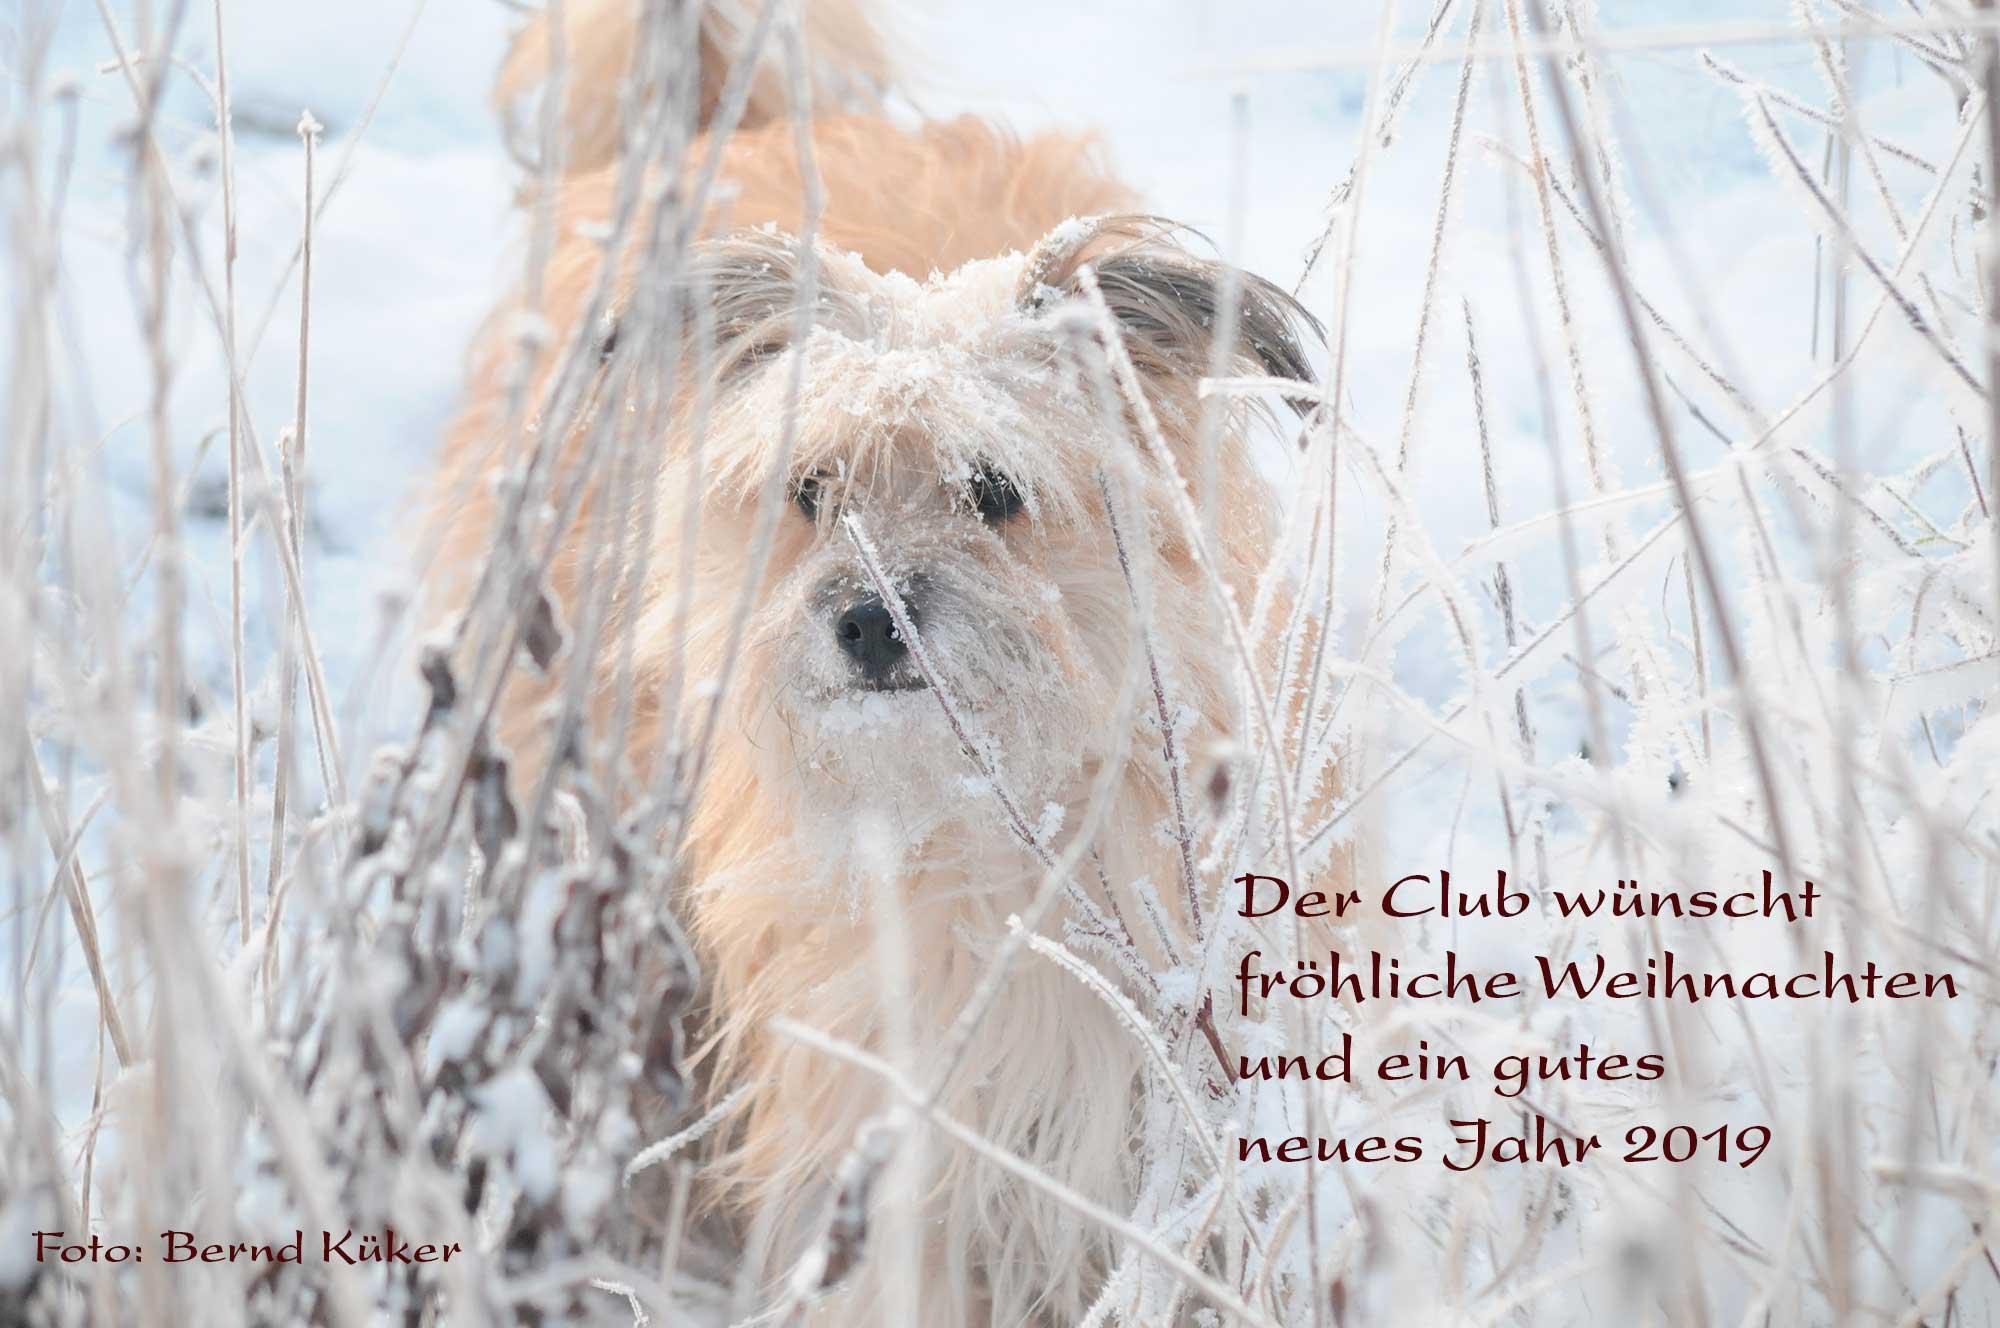 Der Club Berger des Pyrénées wünscht fröhliche Weihnachten